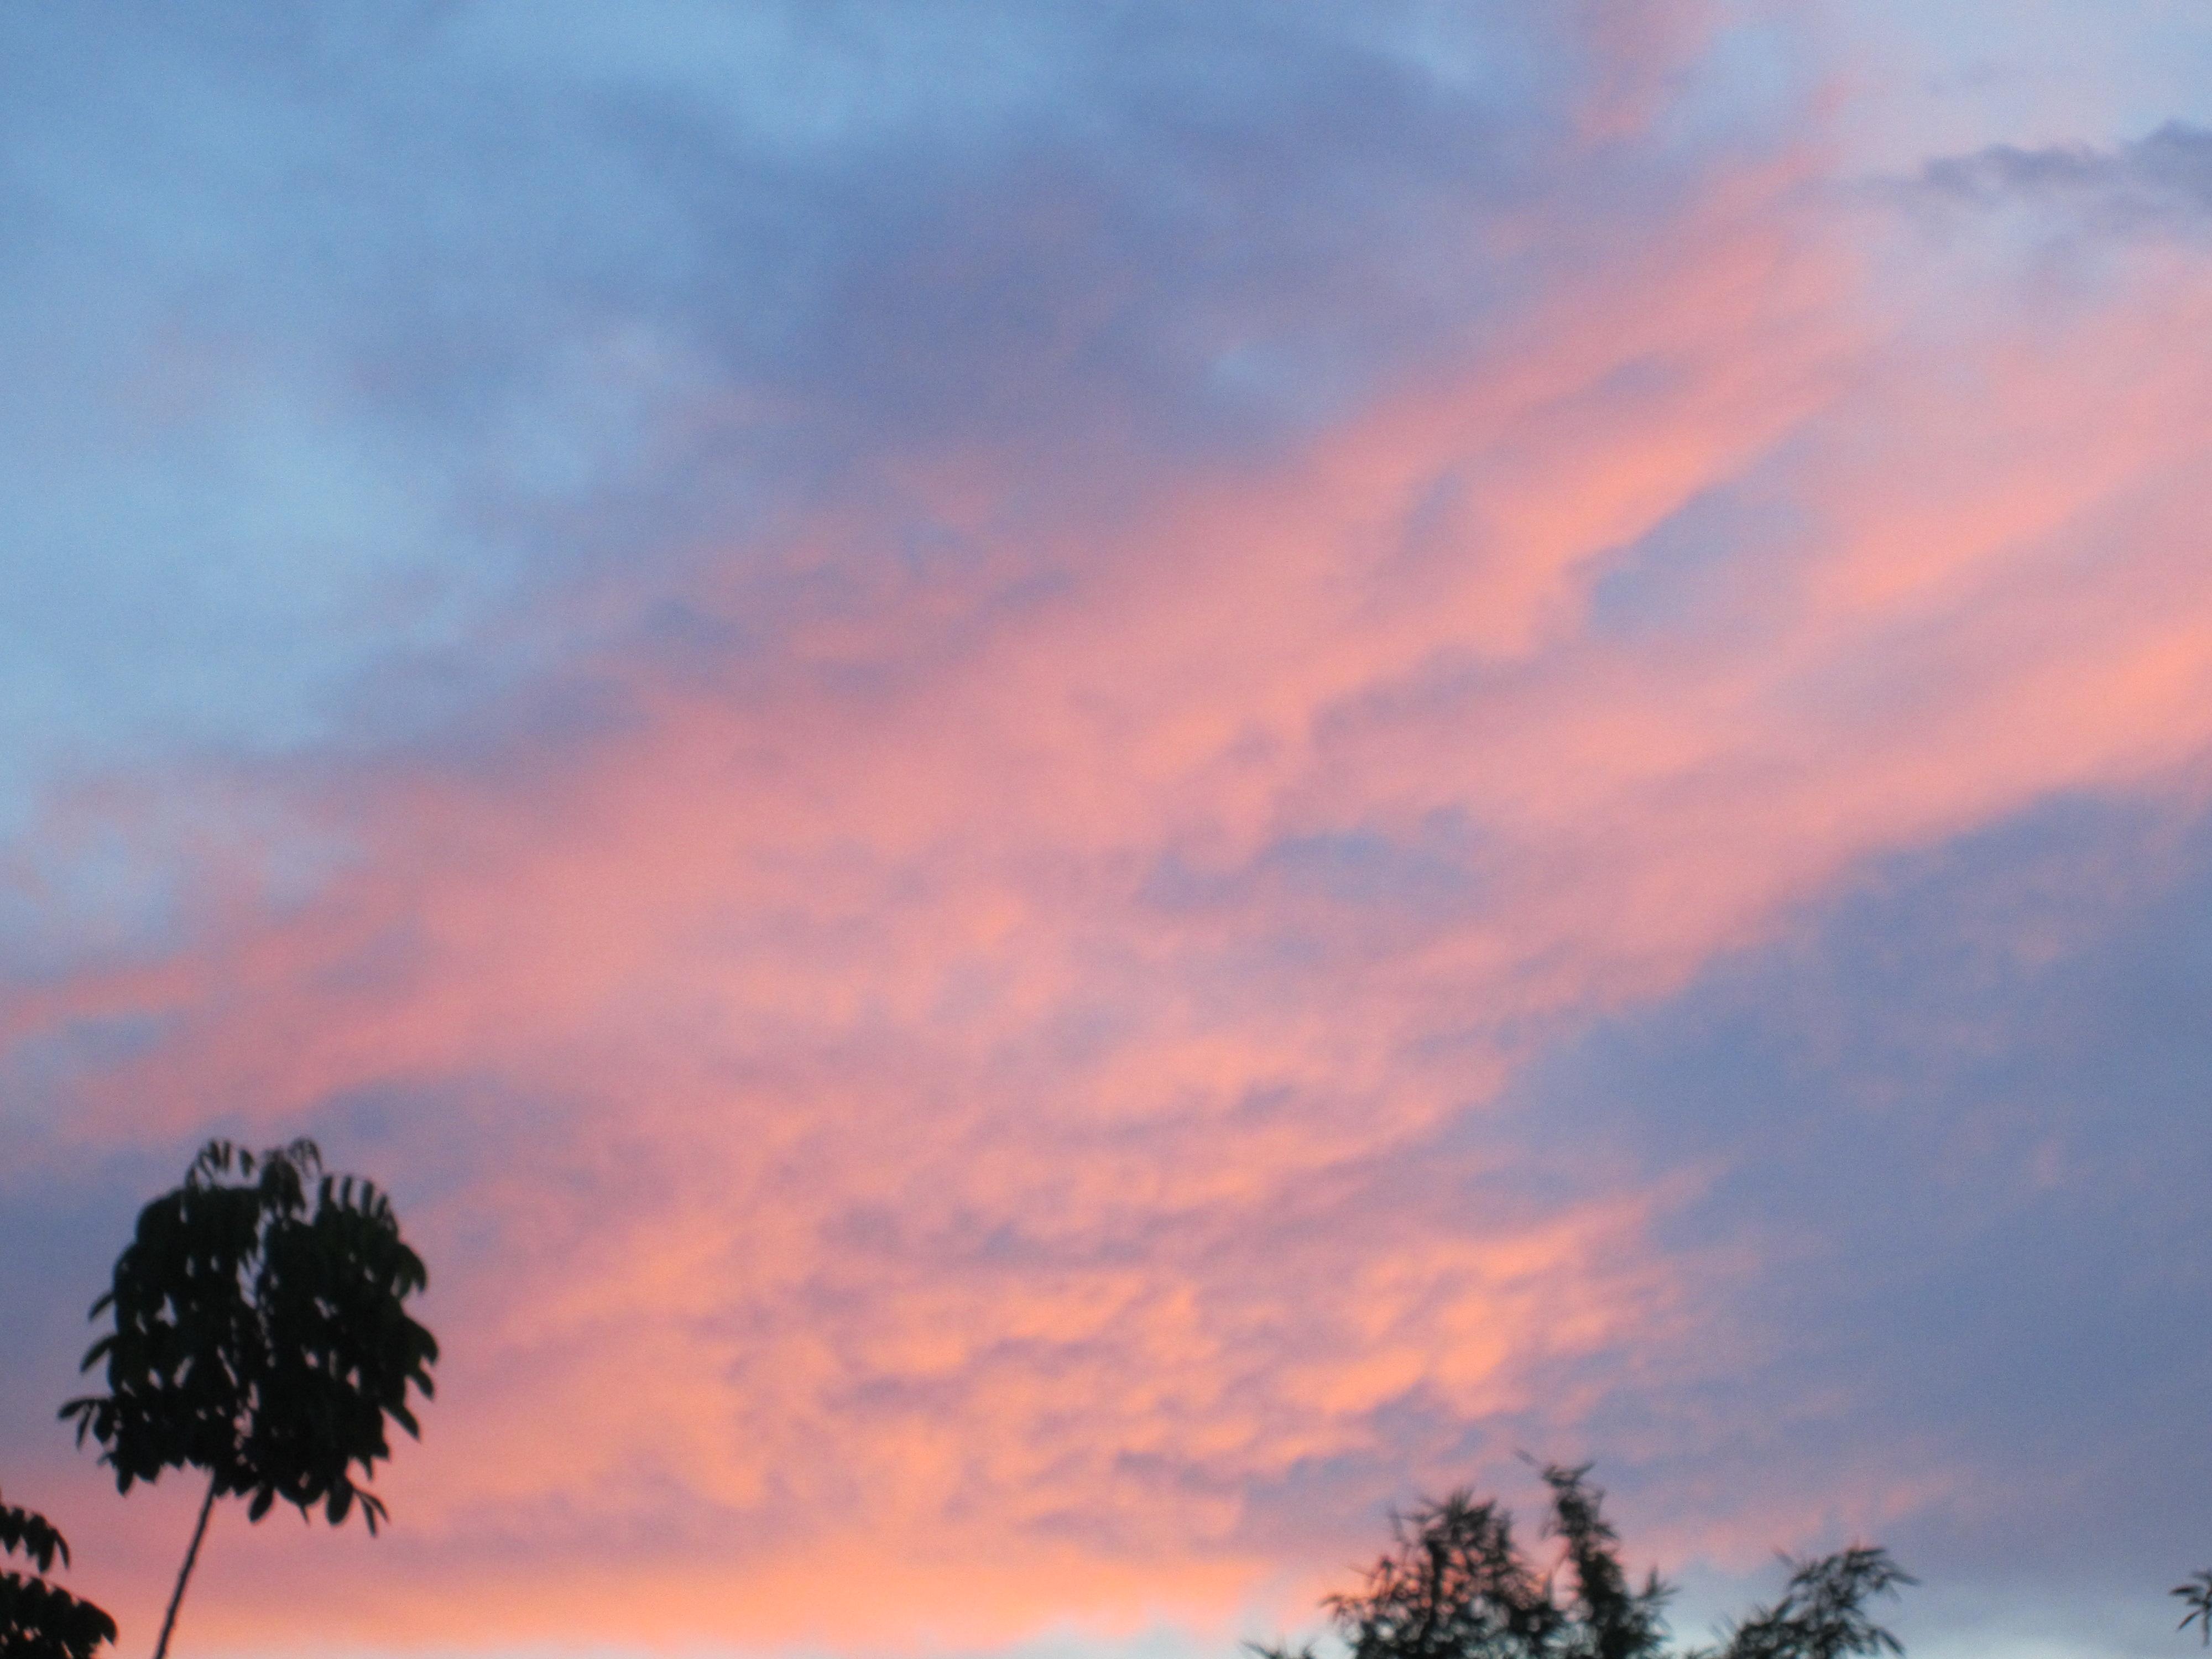 A beautiful sky